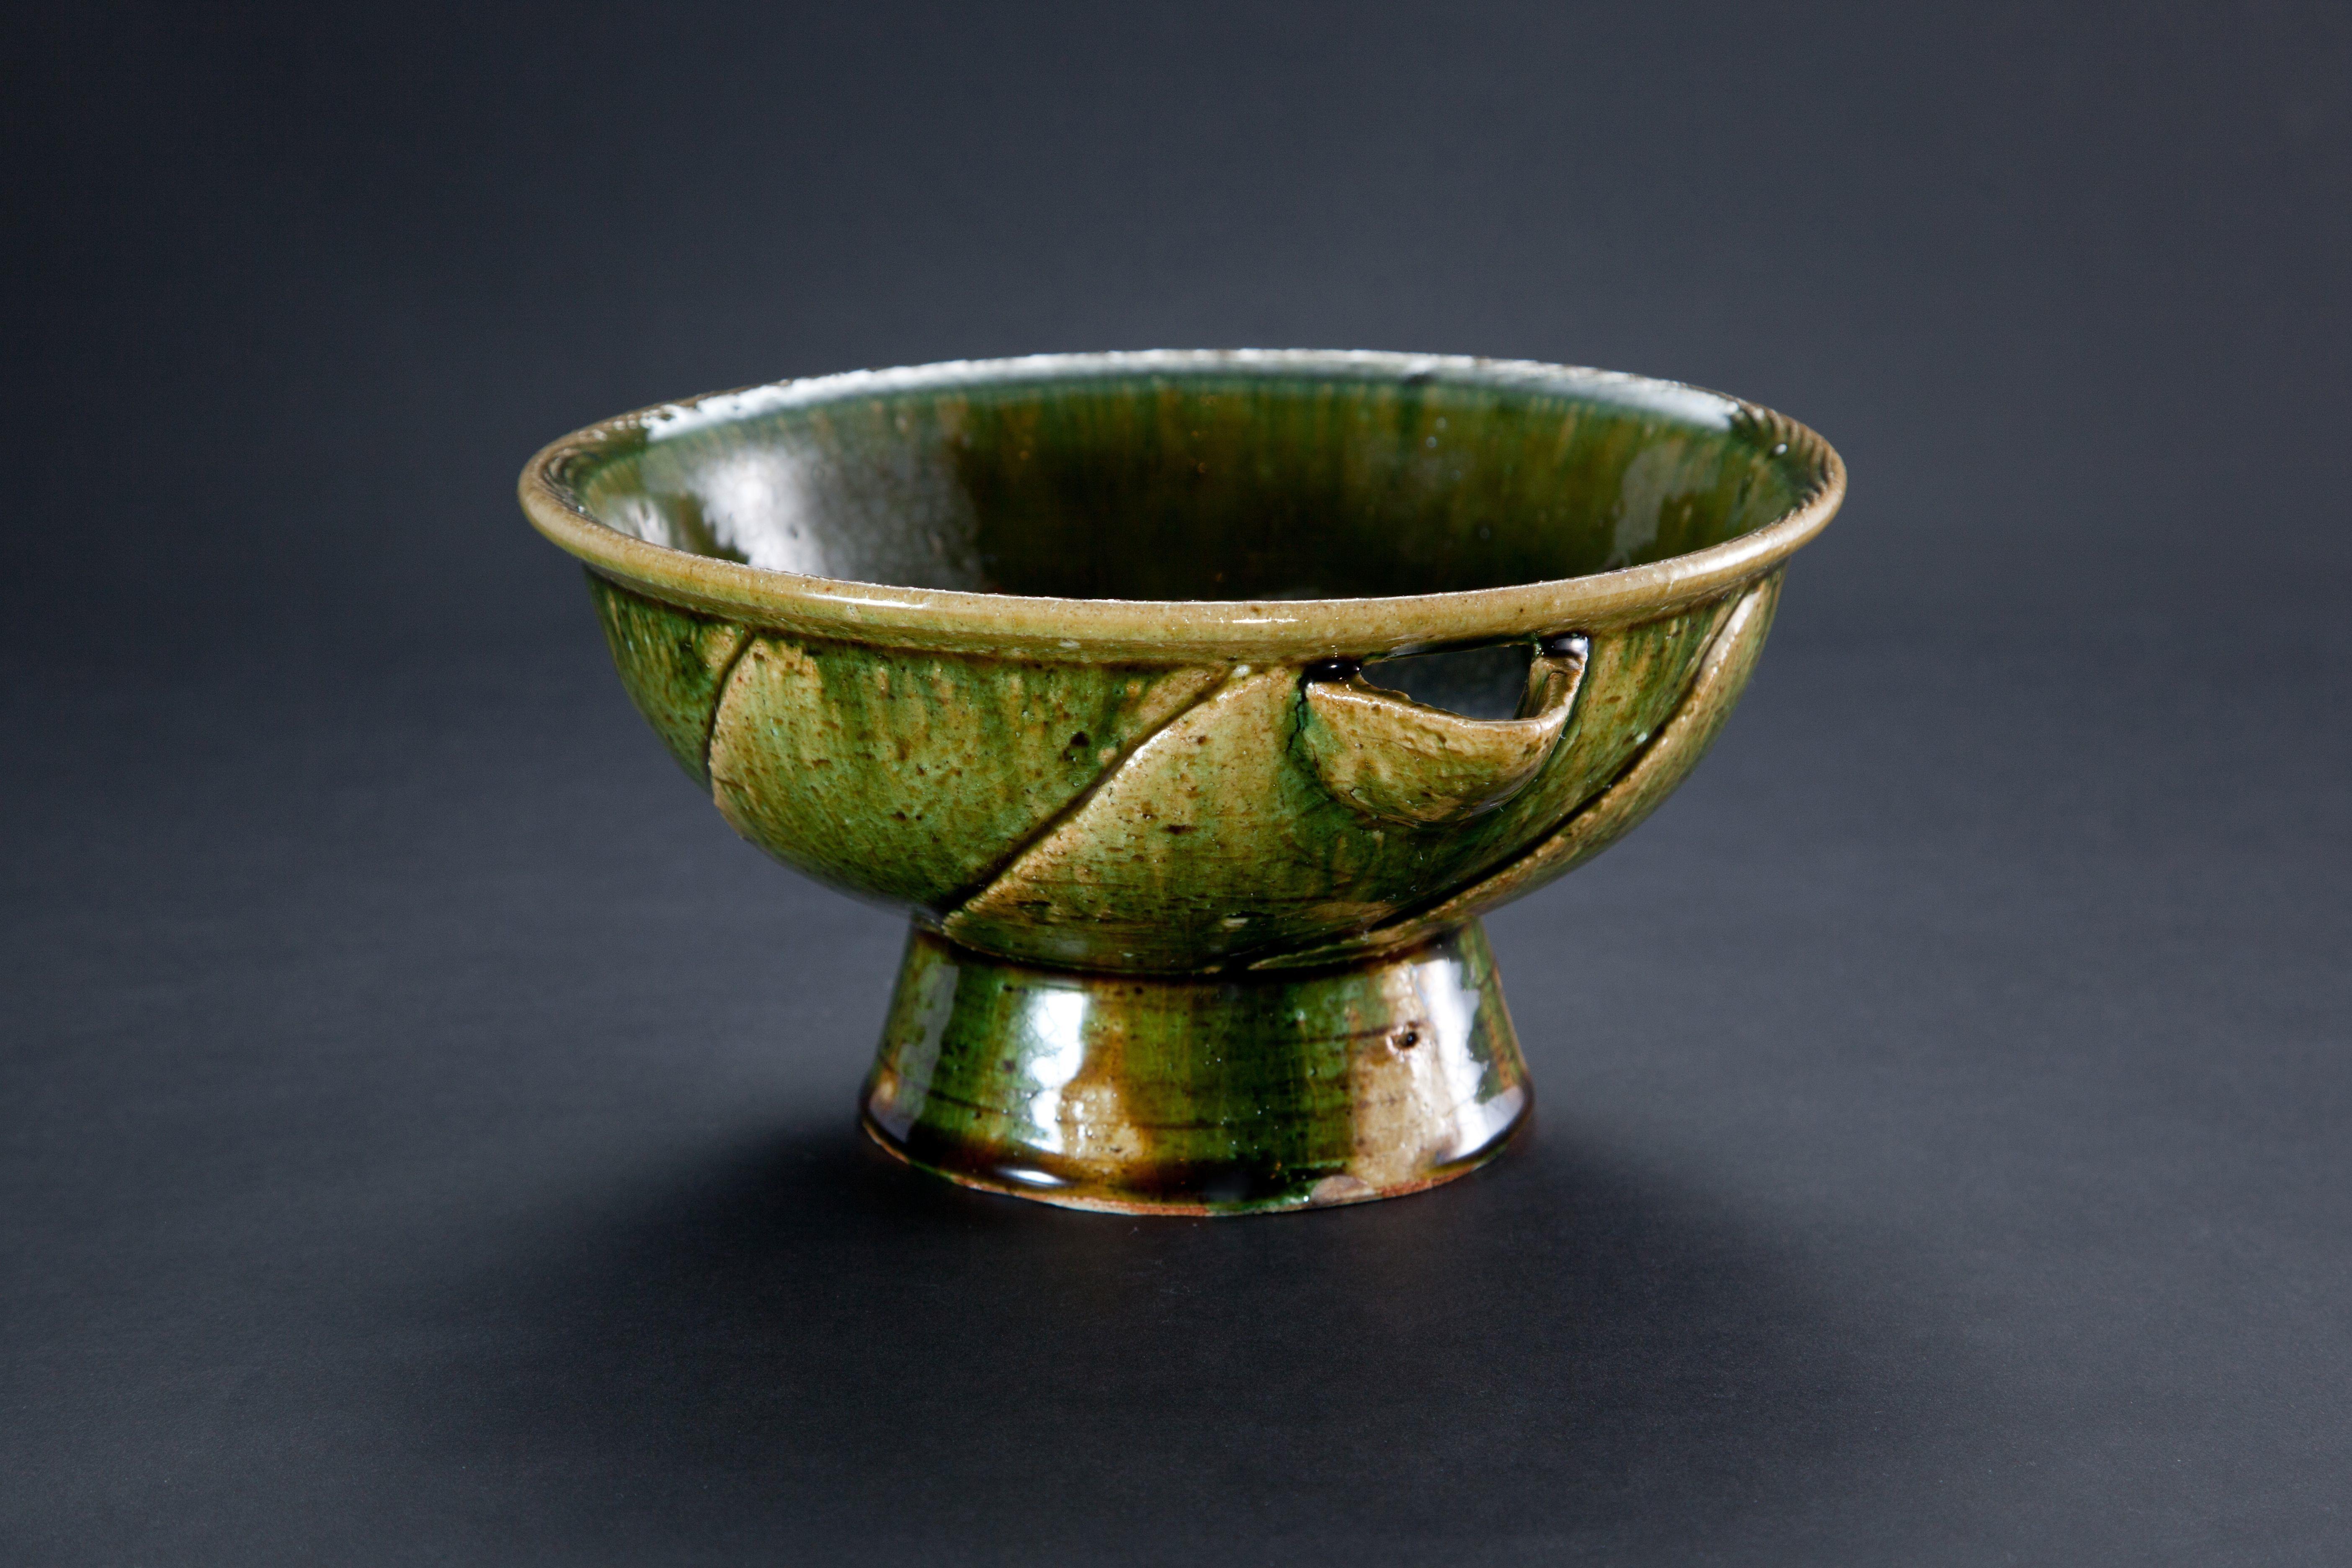 織部刻文片口 Bowl with a spout, Oribe type 2012